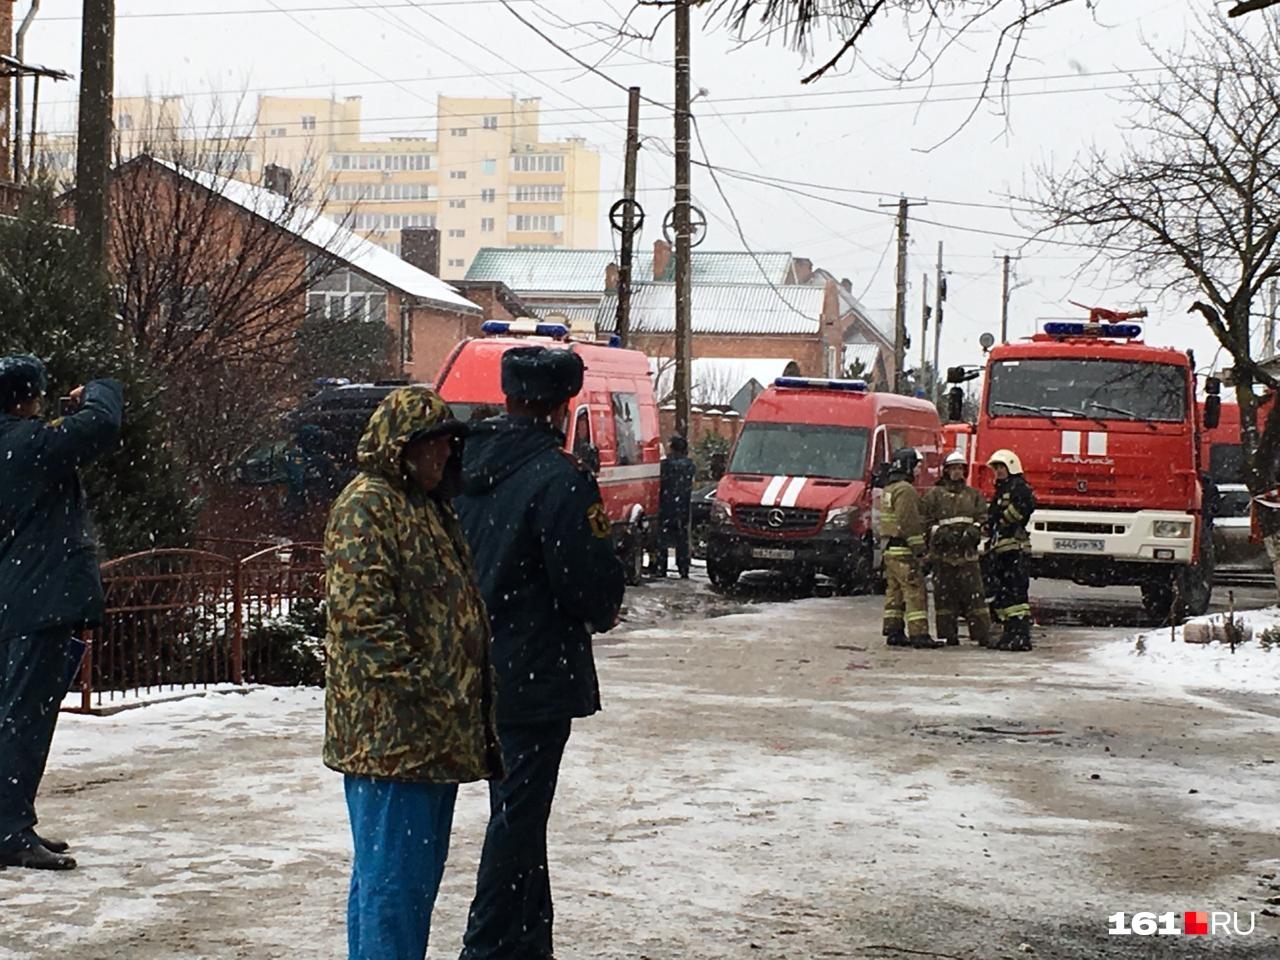 Пожарные расчеты не покидают место происшествия